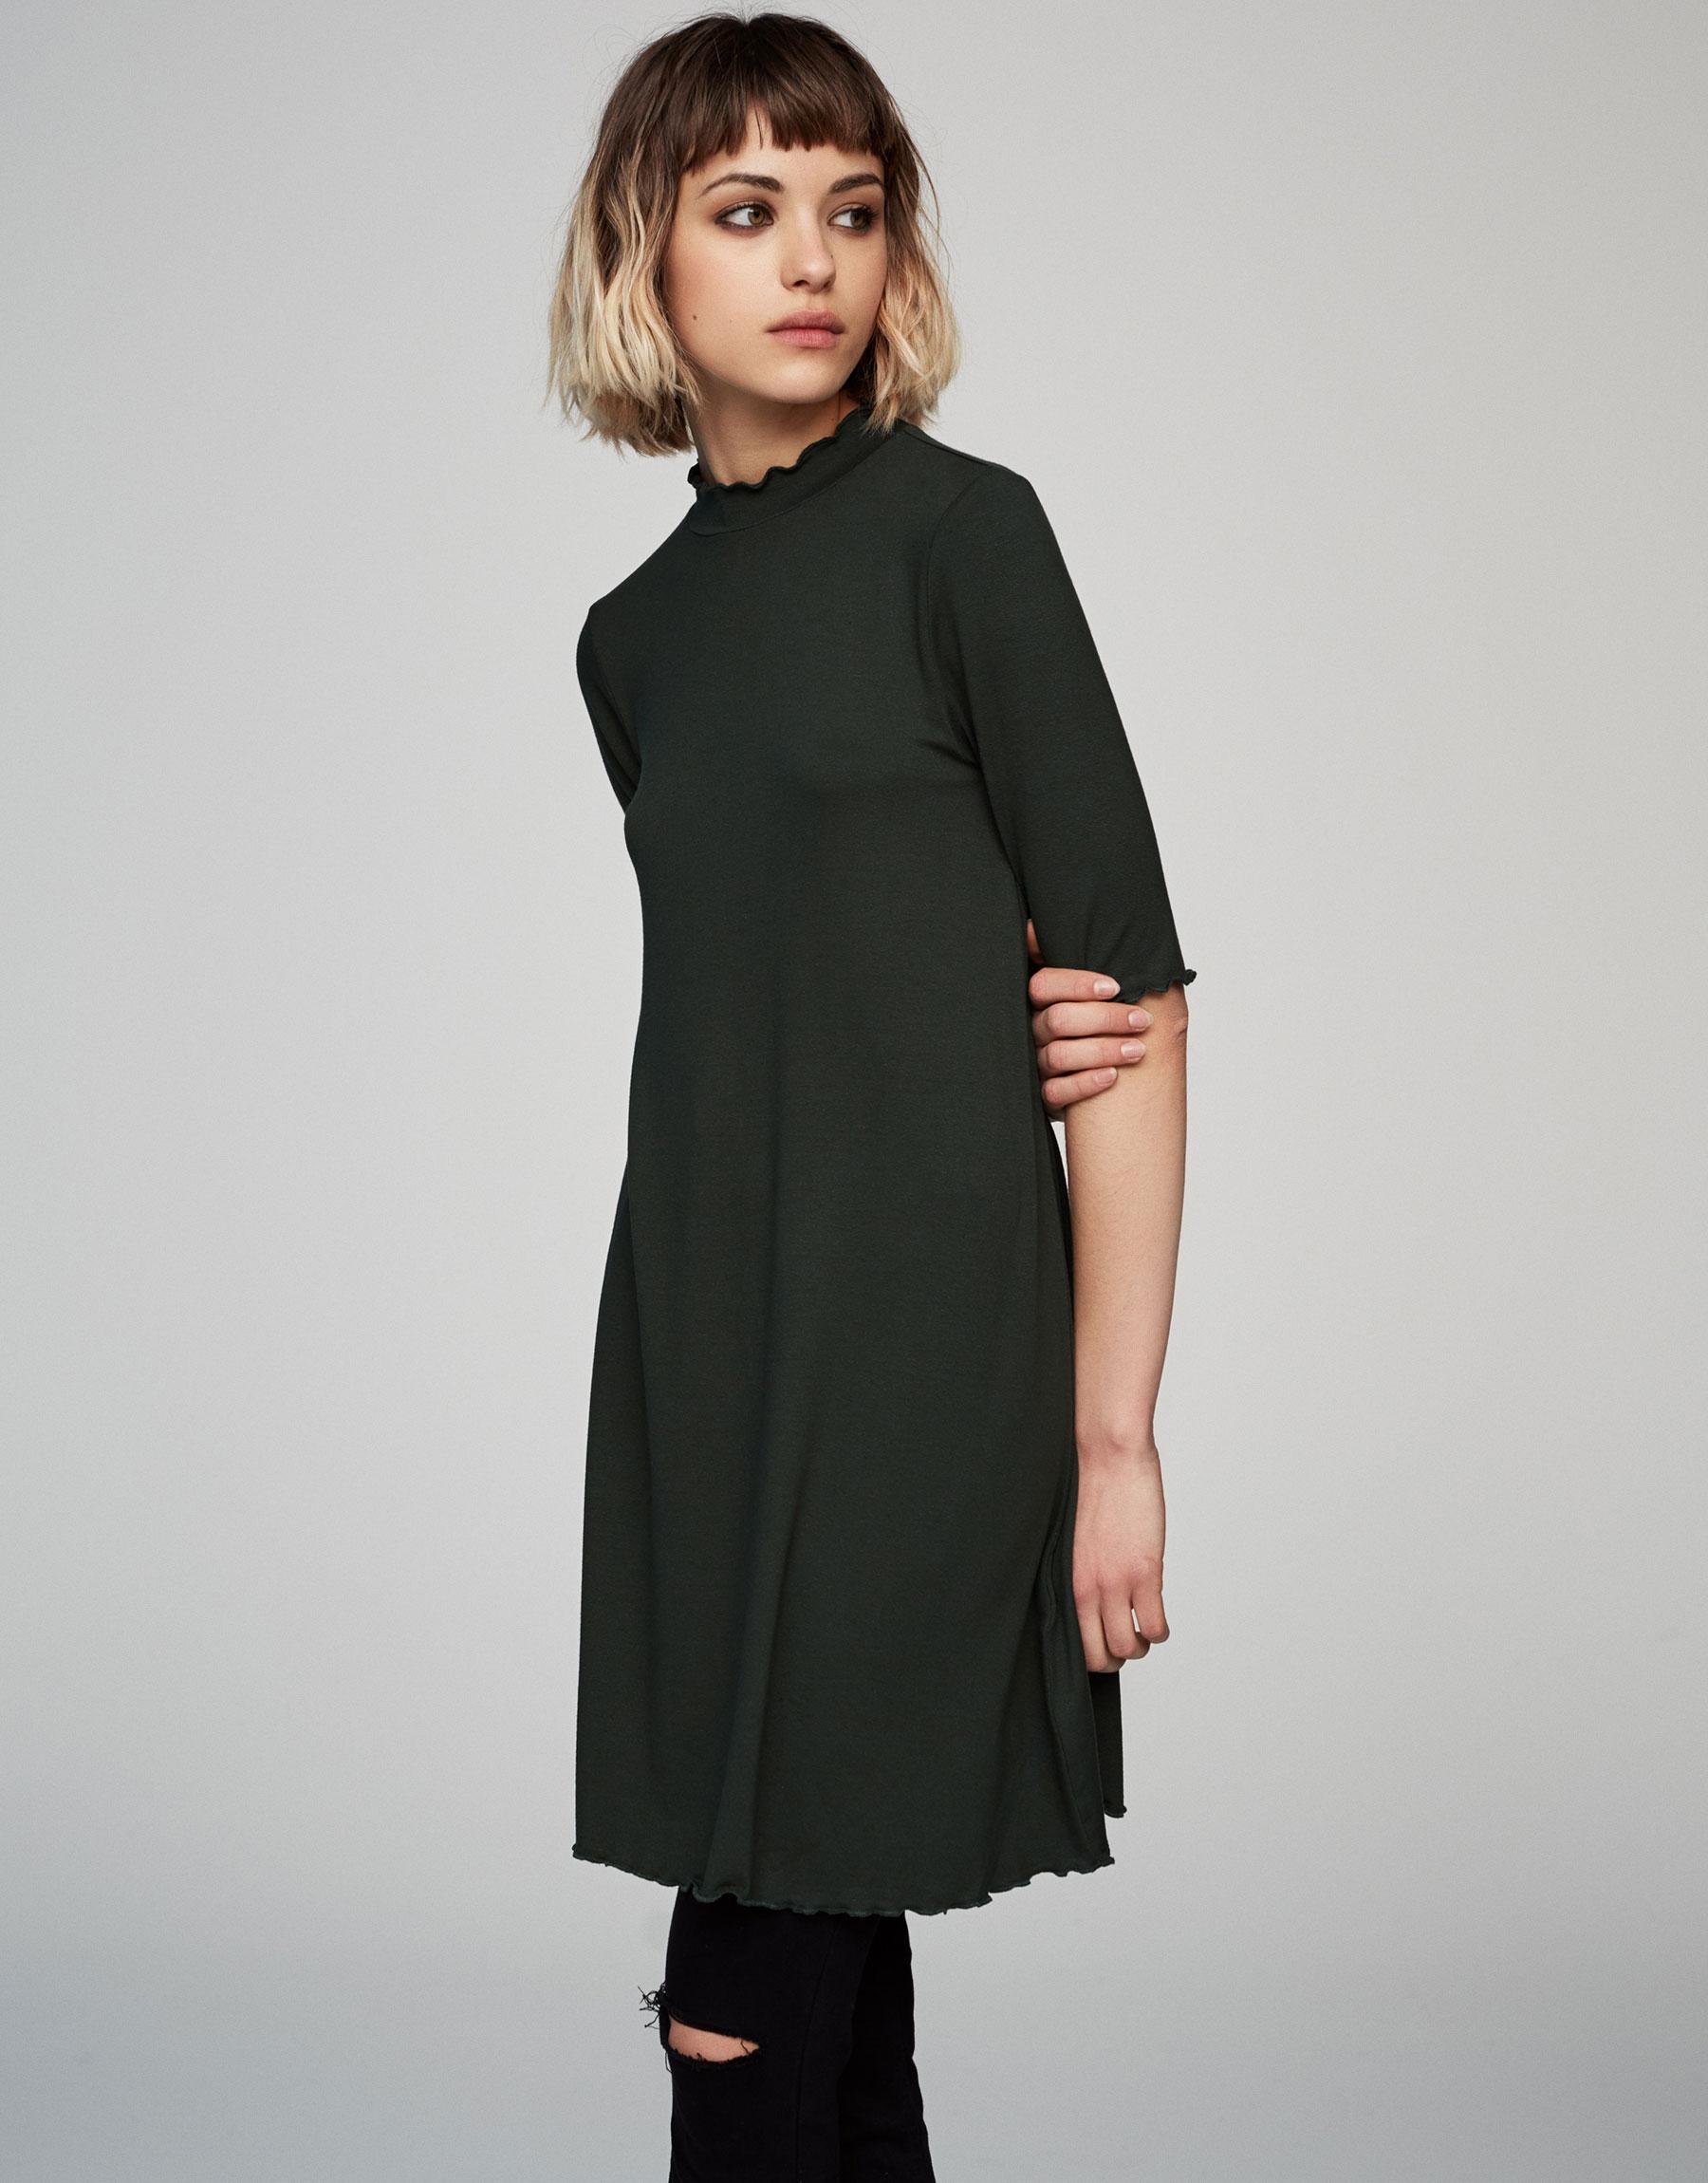 High neck short sleeve dress